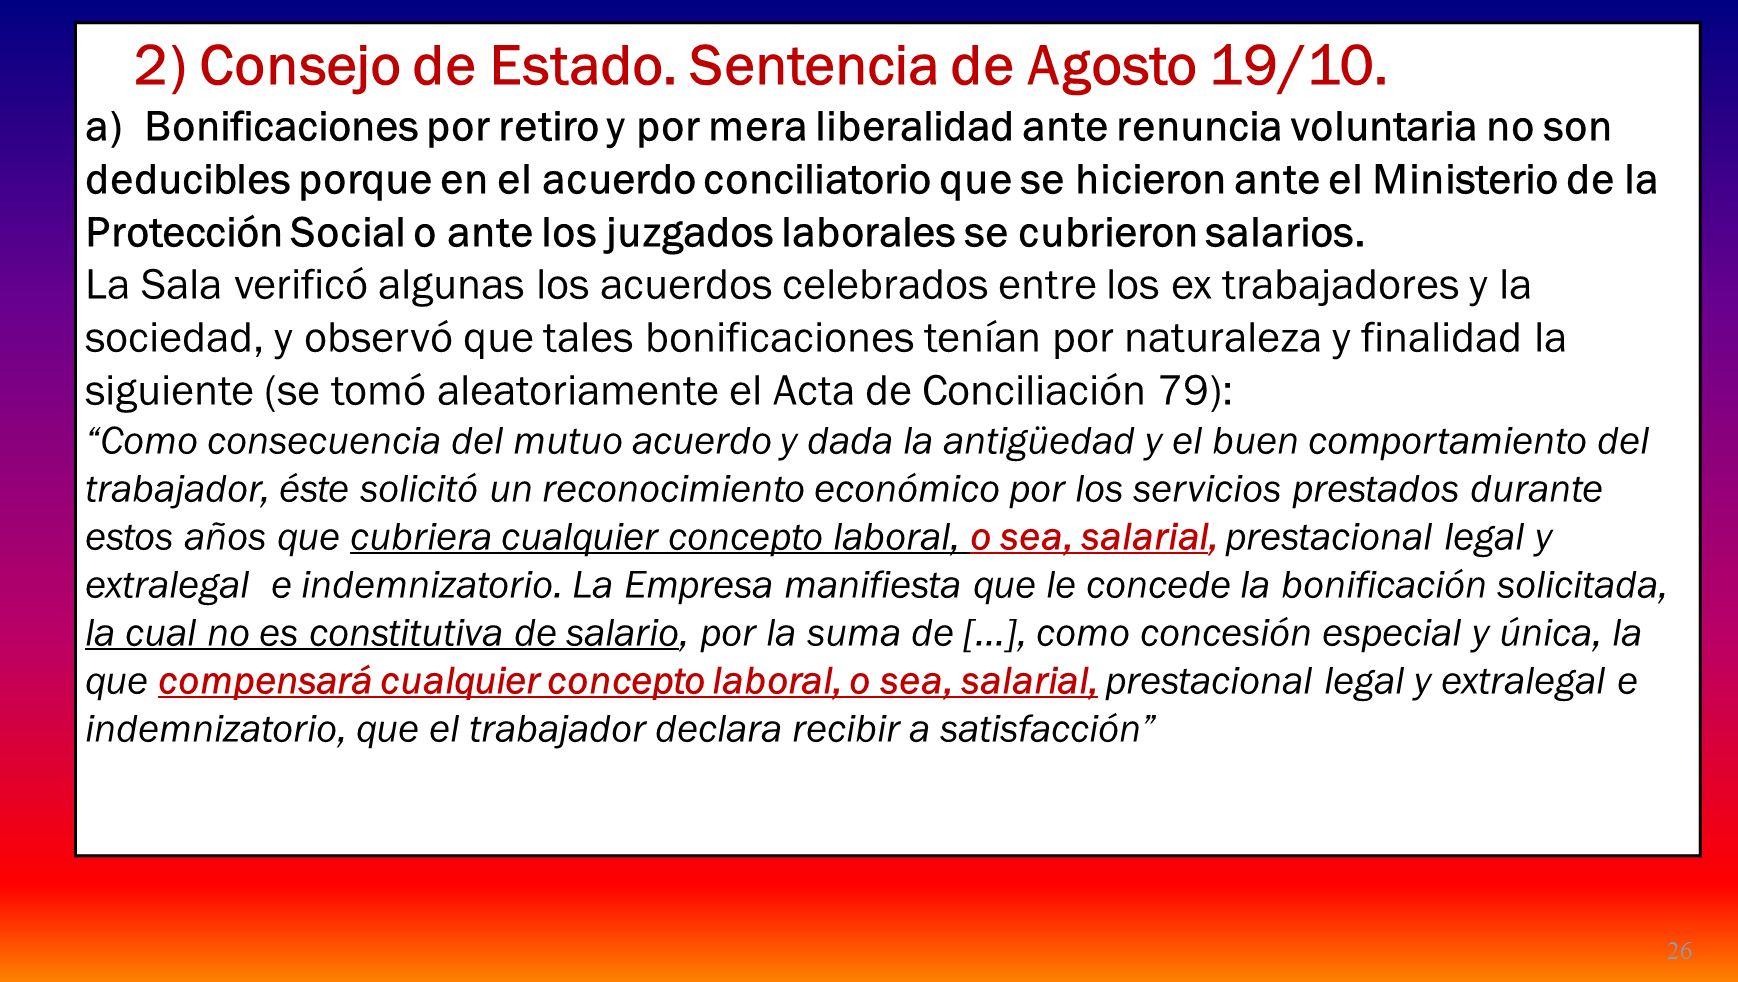 26 2) Consejo de Estado. Sentencia de Agosto 19/10. a) Bonificaciones por retiro y por mera liberalidad ante renuncia voluntaria no son deducibles por